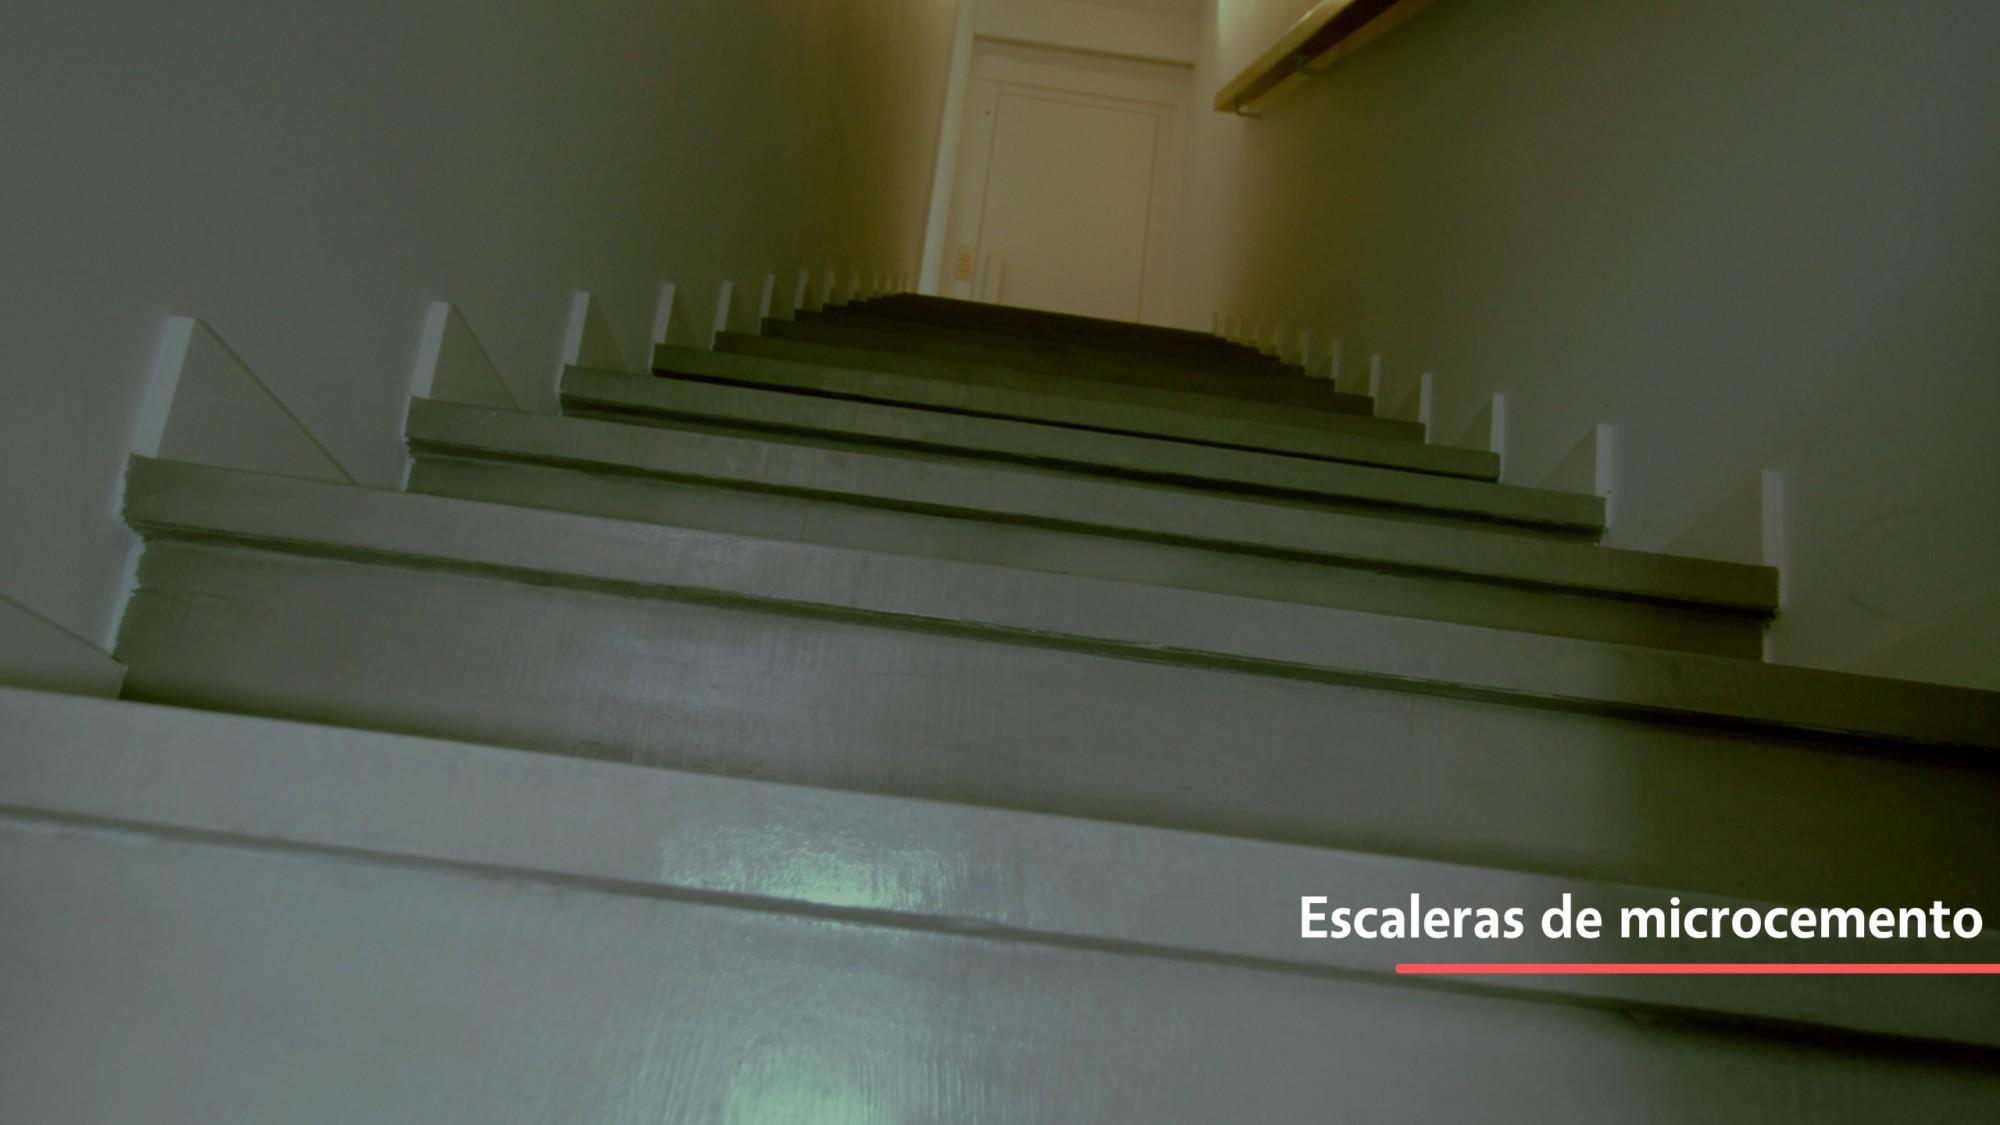 Escaleras hechas de microcemento